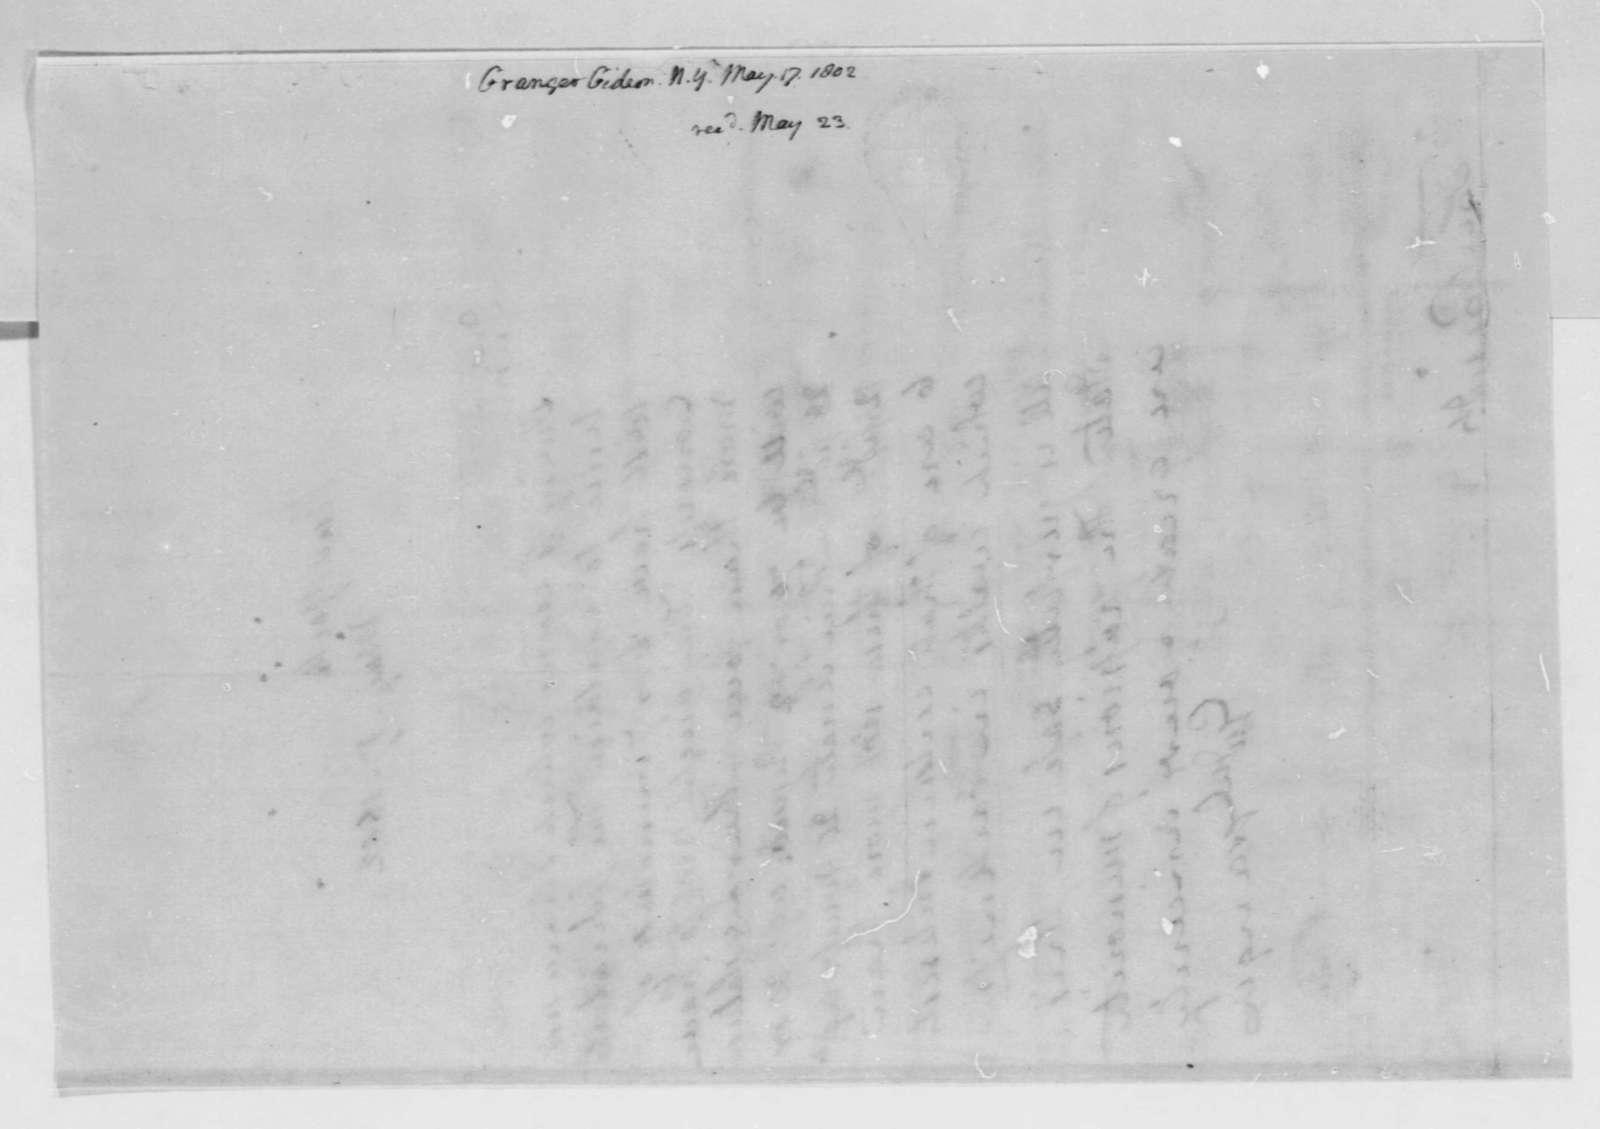 Gideon Granger to Thomas Jefferson, May 17, 1802